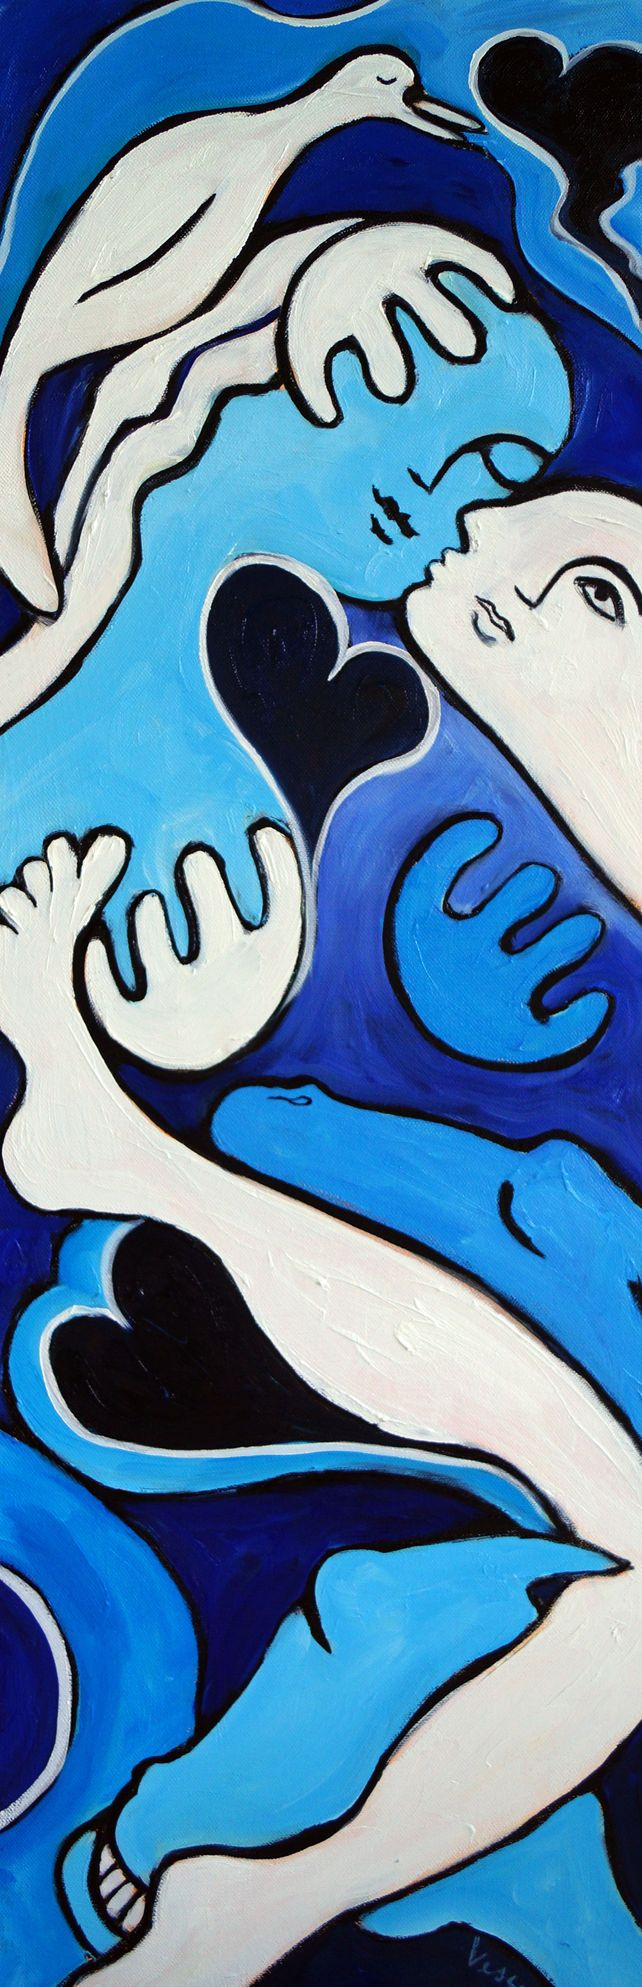 Bleu Guys, Indigo Hearts